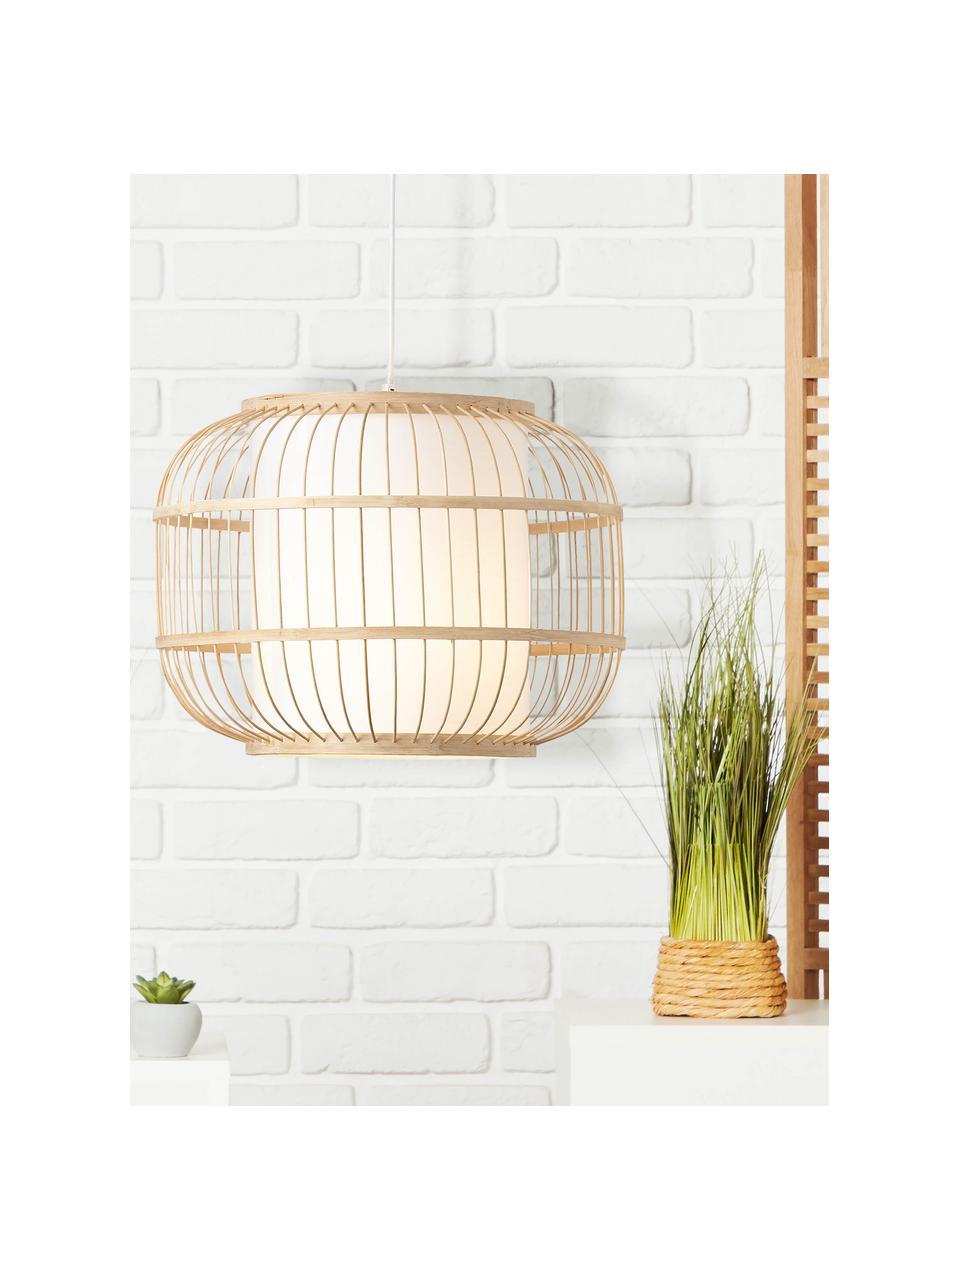 Lampa wisząca z drewna bambusowego Bones, Jasny brązowy, biały, Ø 40 x W 30 cm